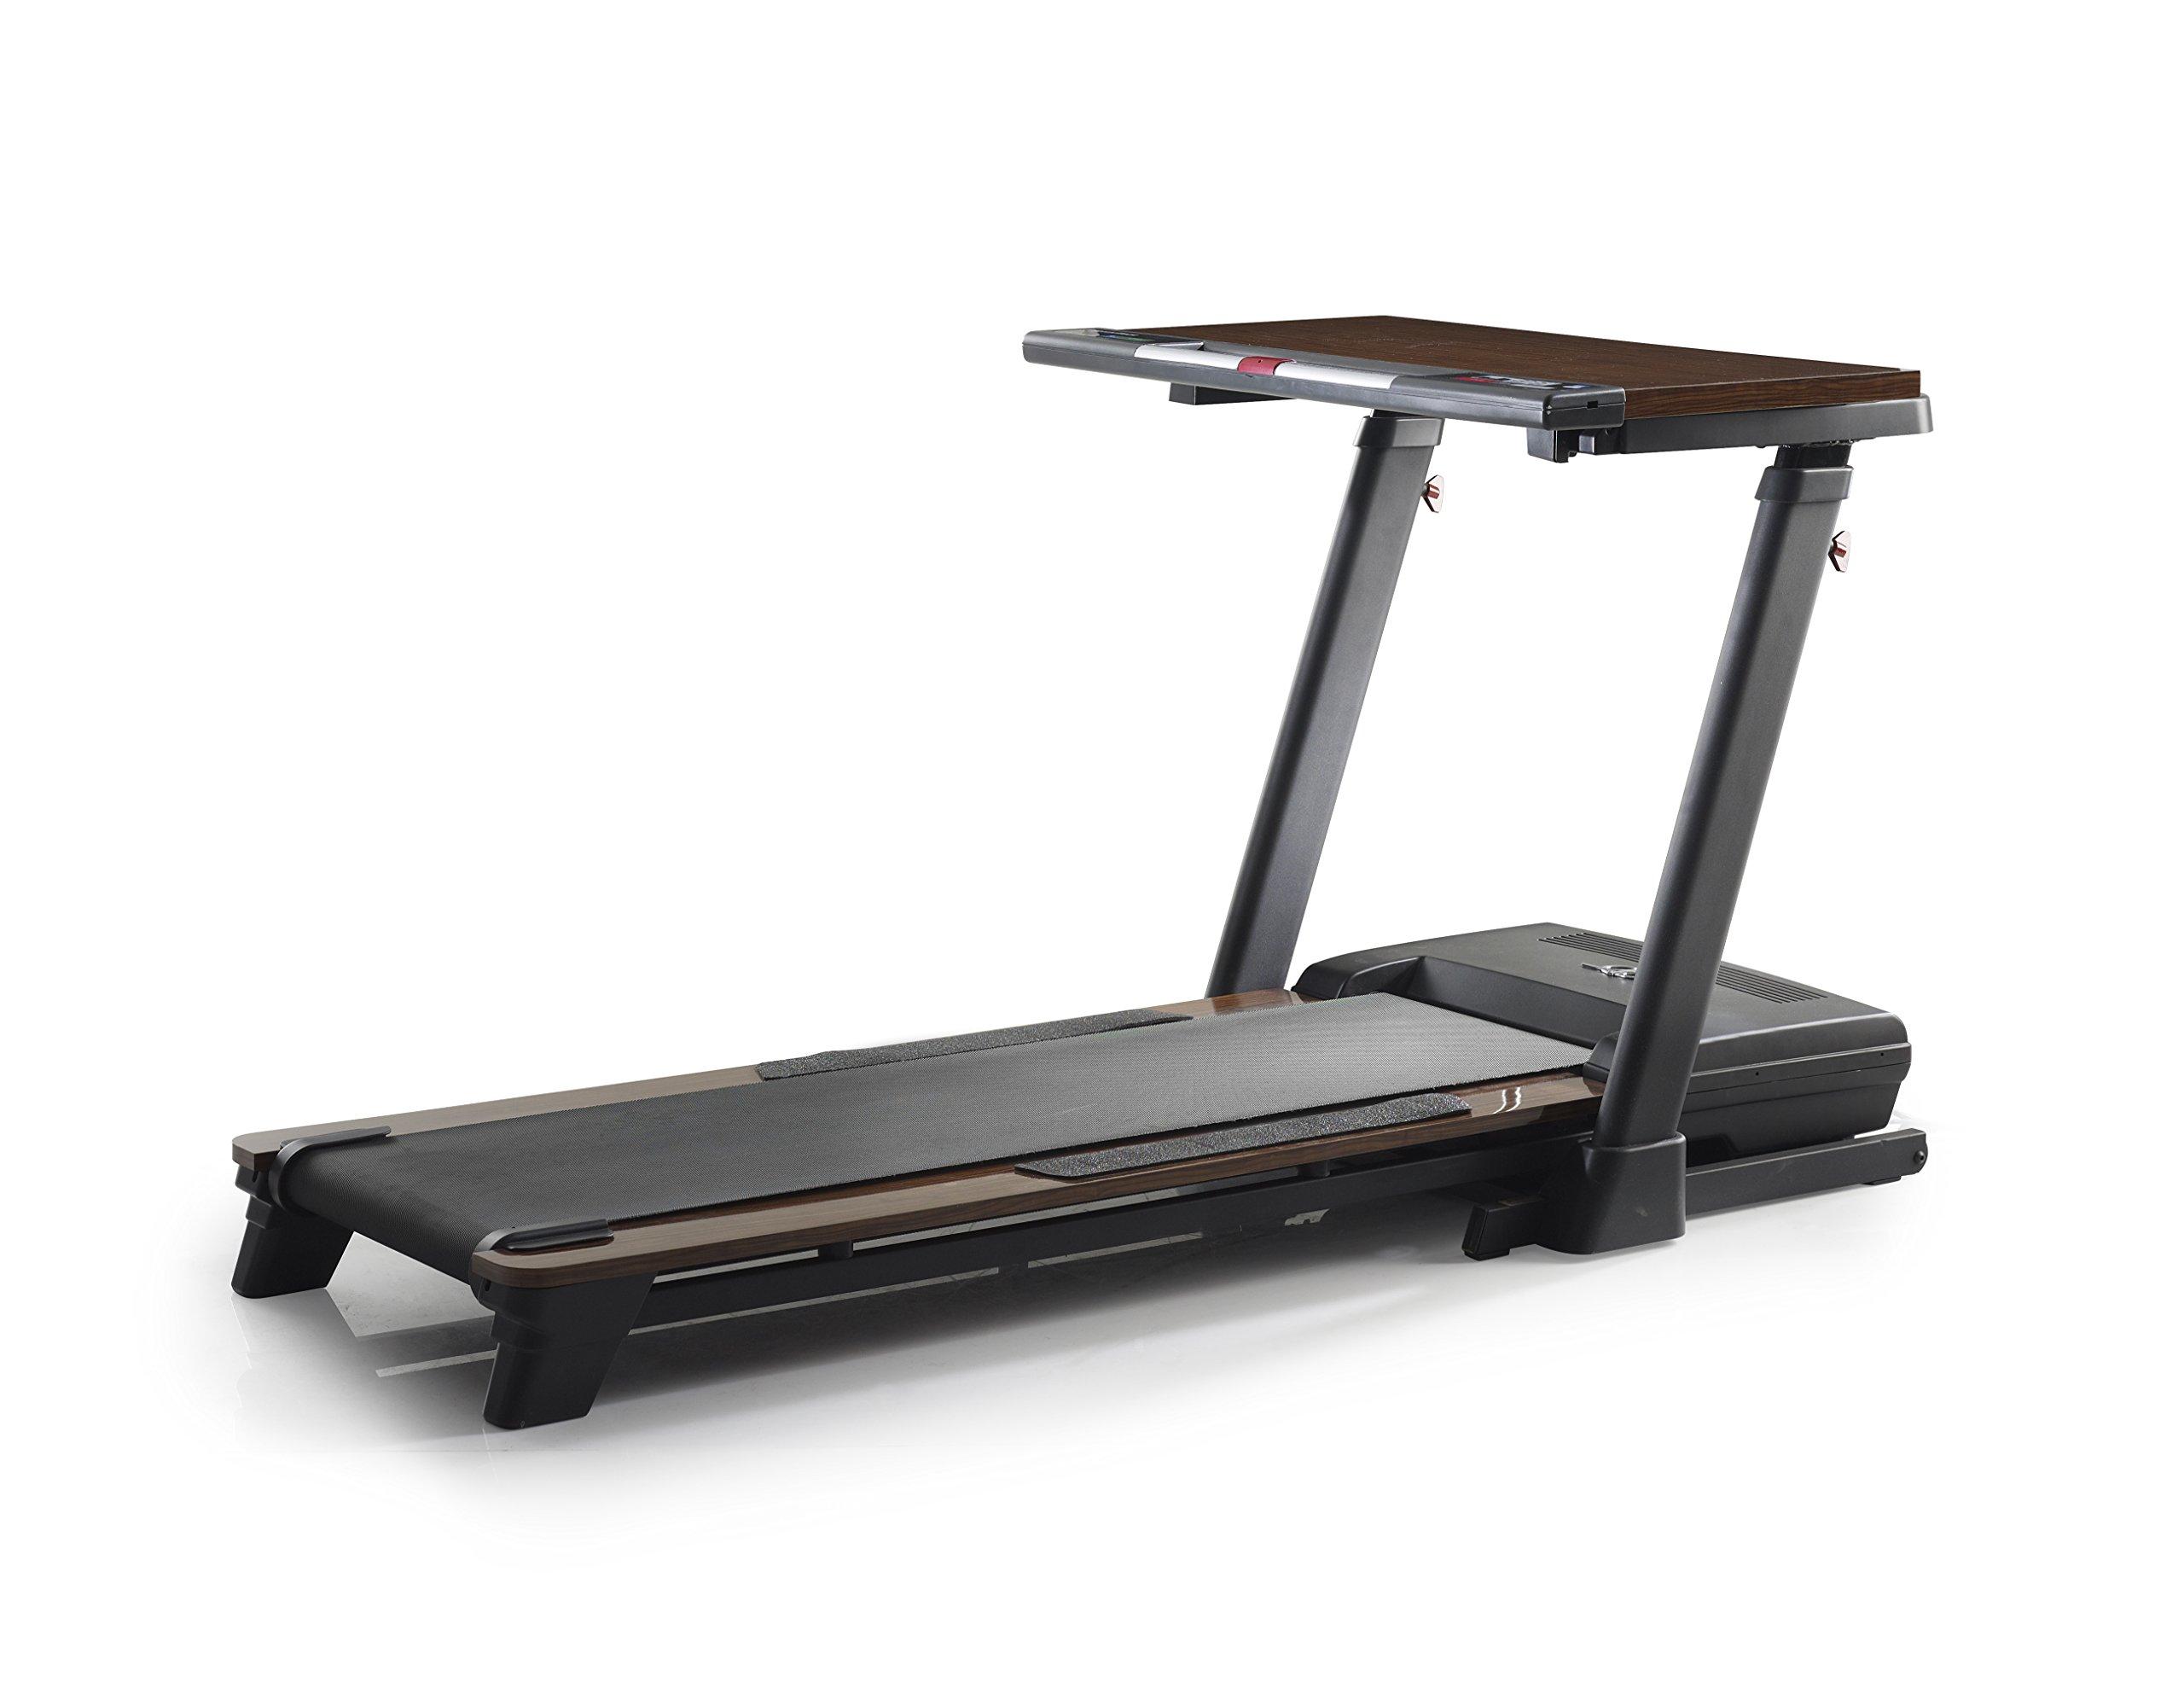 NordicTrack Desk Treadmill by NordicTrack